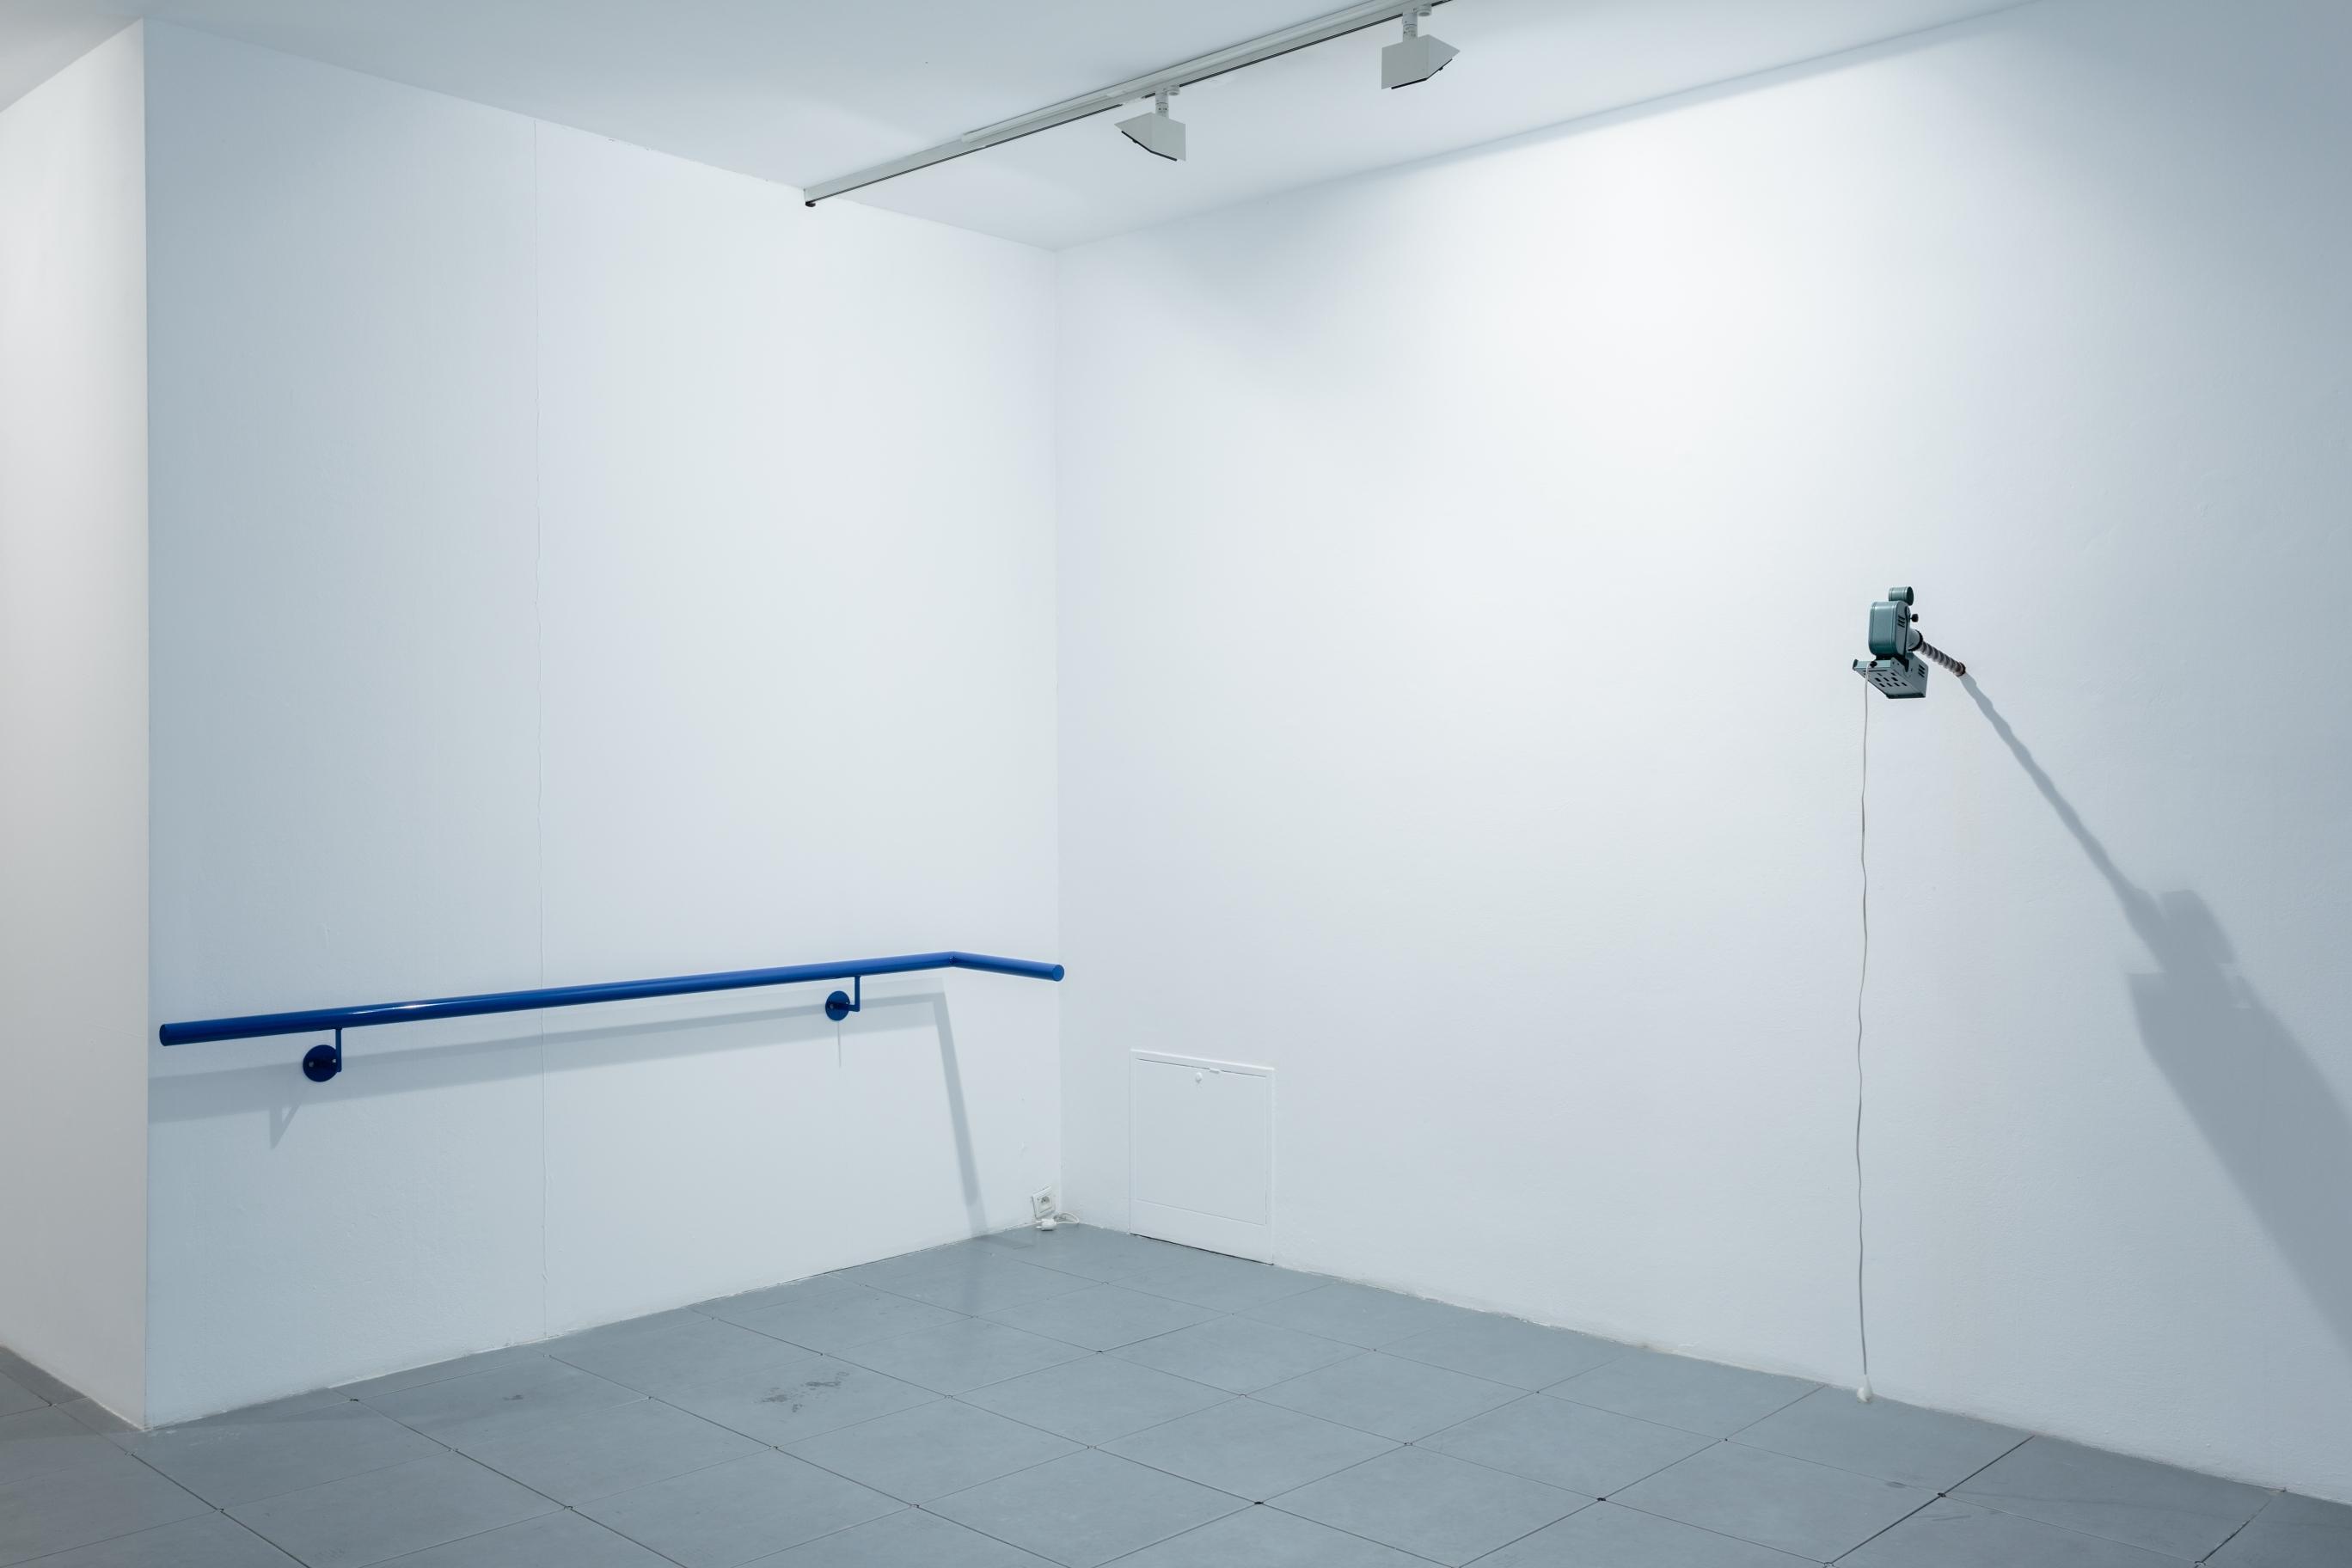 4. Pravdoliub Ivanov, Just Another Boring Day, widok wystawy, dzięki uprzejmości artysty igalerii Le Guern